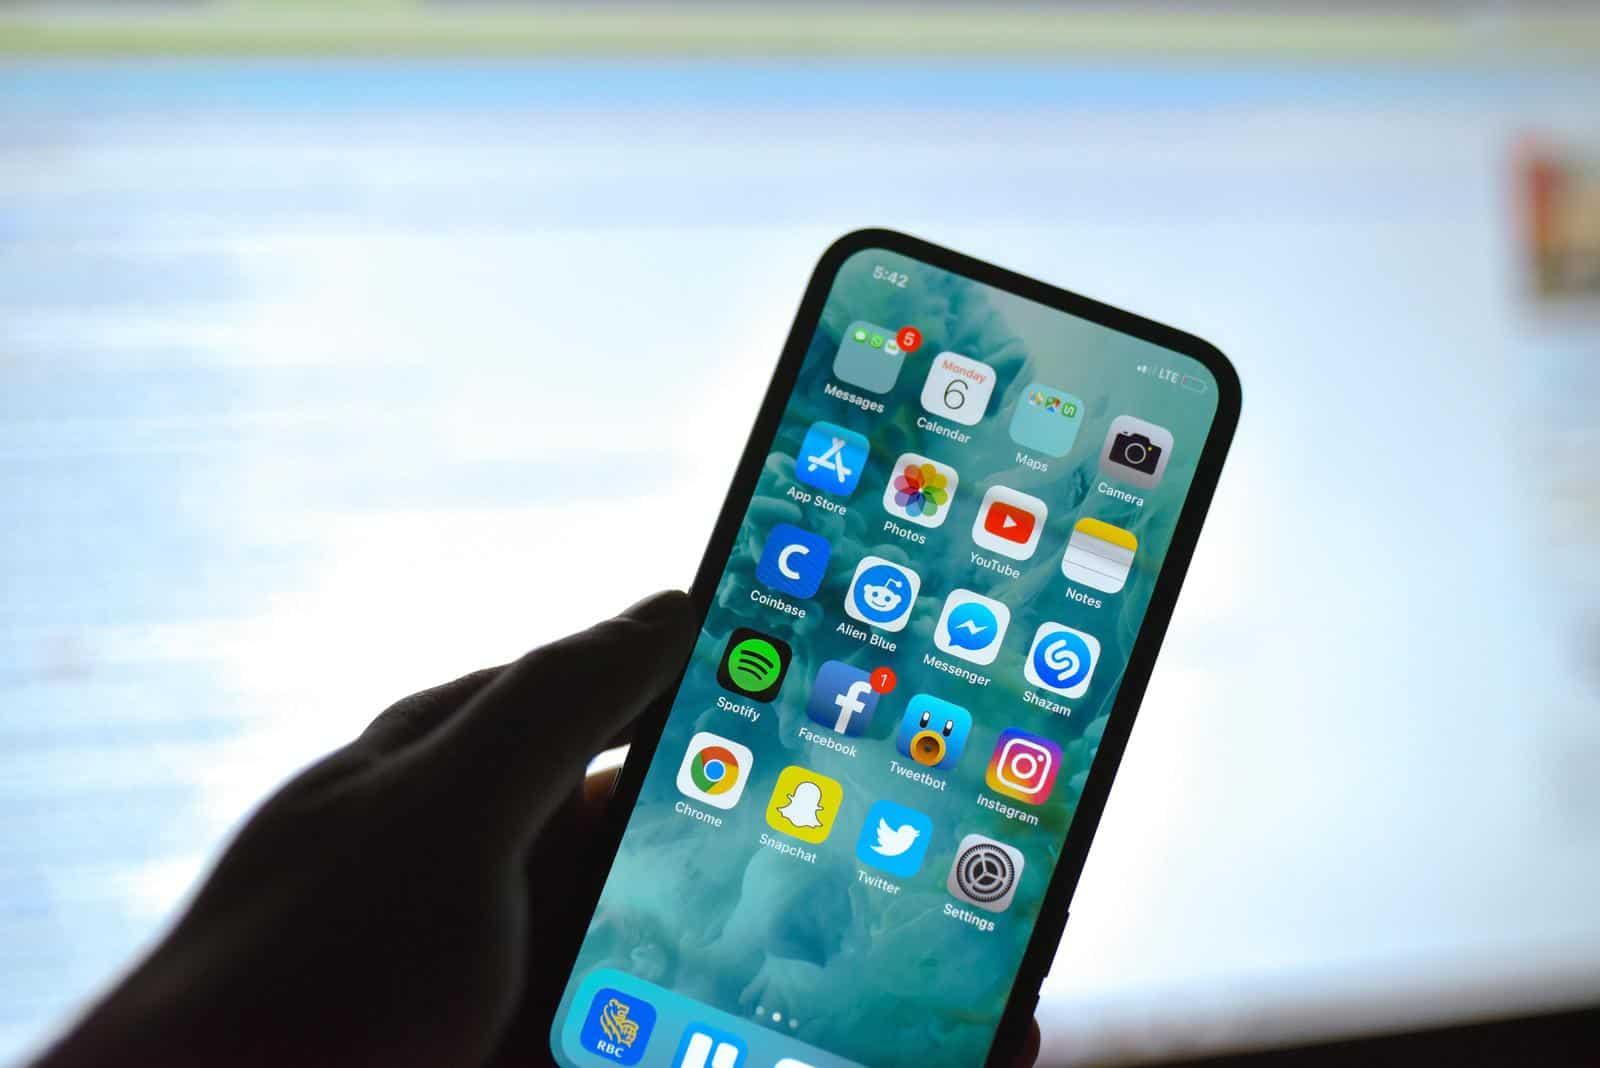 韓國業界指新版 iPhone 或去除「M字額」